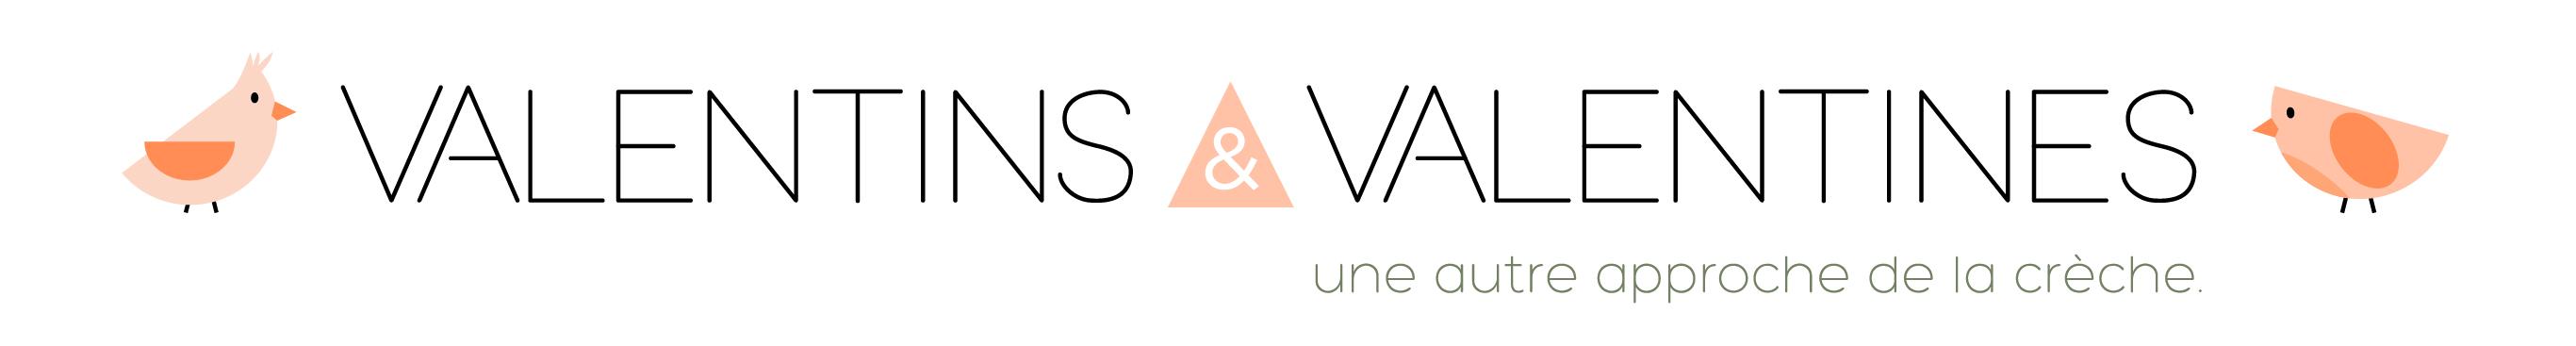 LOGO VetV 01 Valentins & Valentines